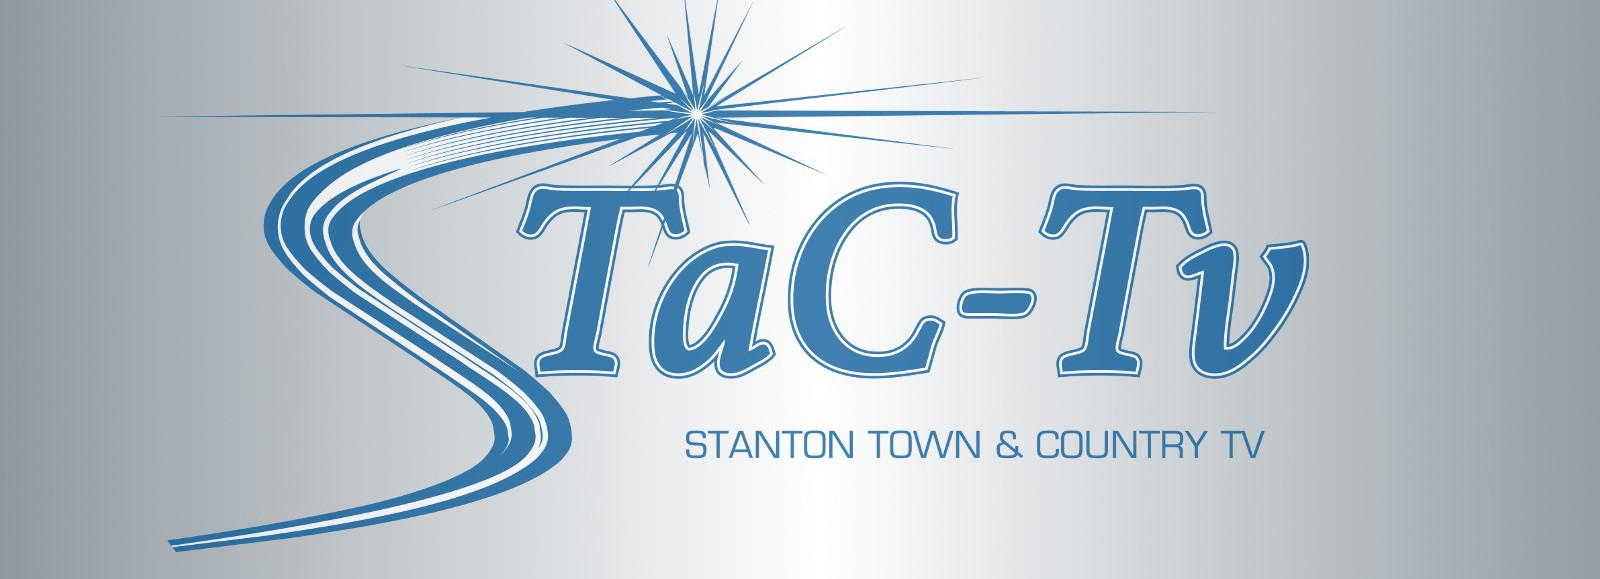 STaC-Tv